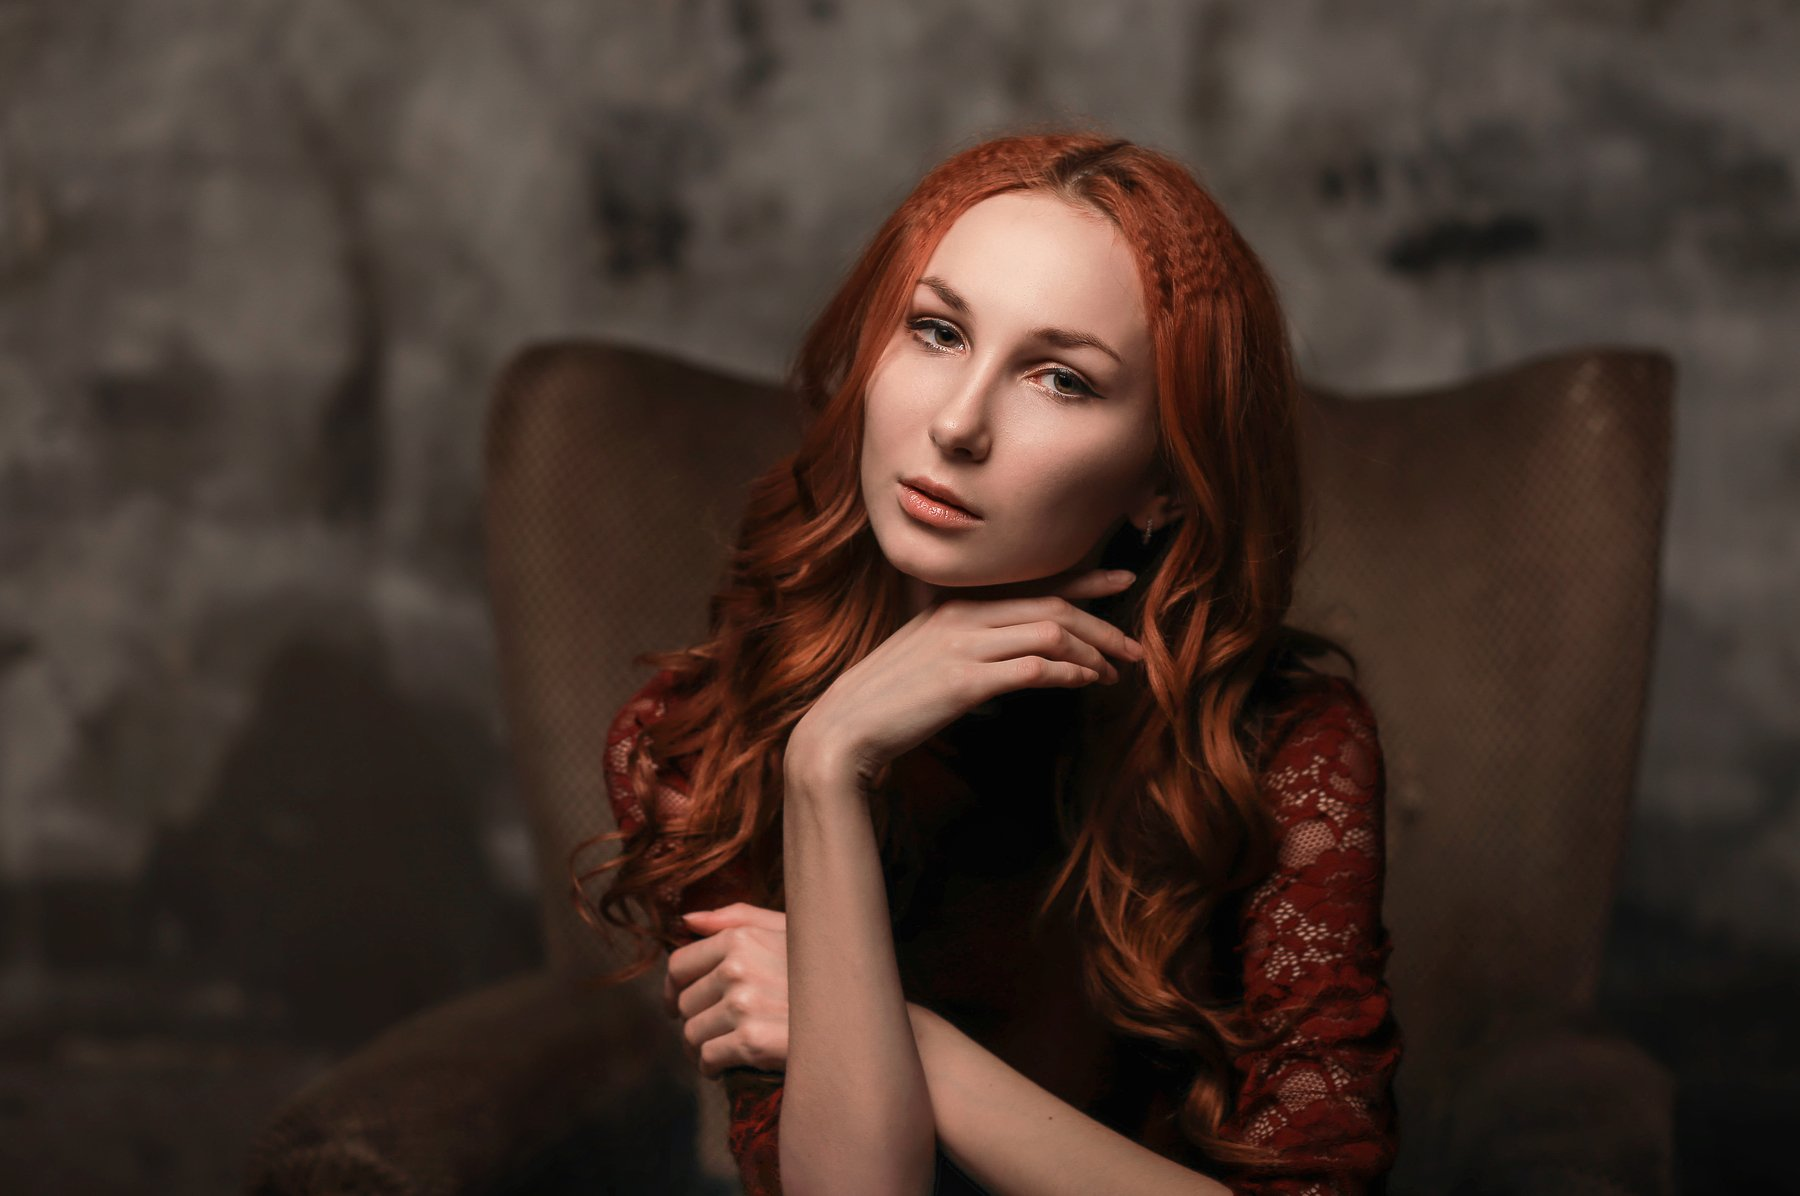 девушка модель арт art портрет бьюти красота, Баринова Аполлинария